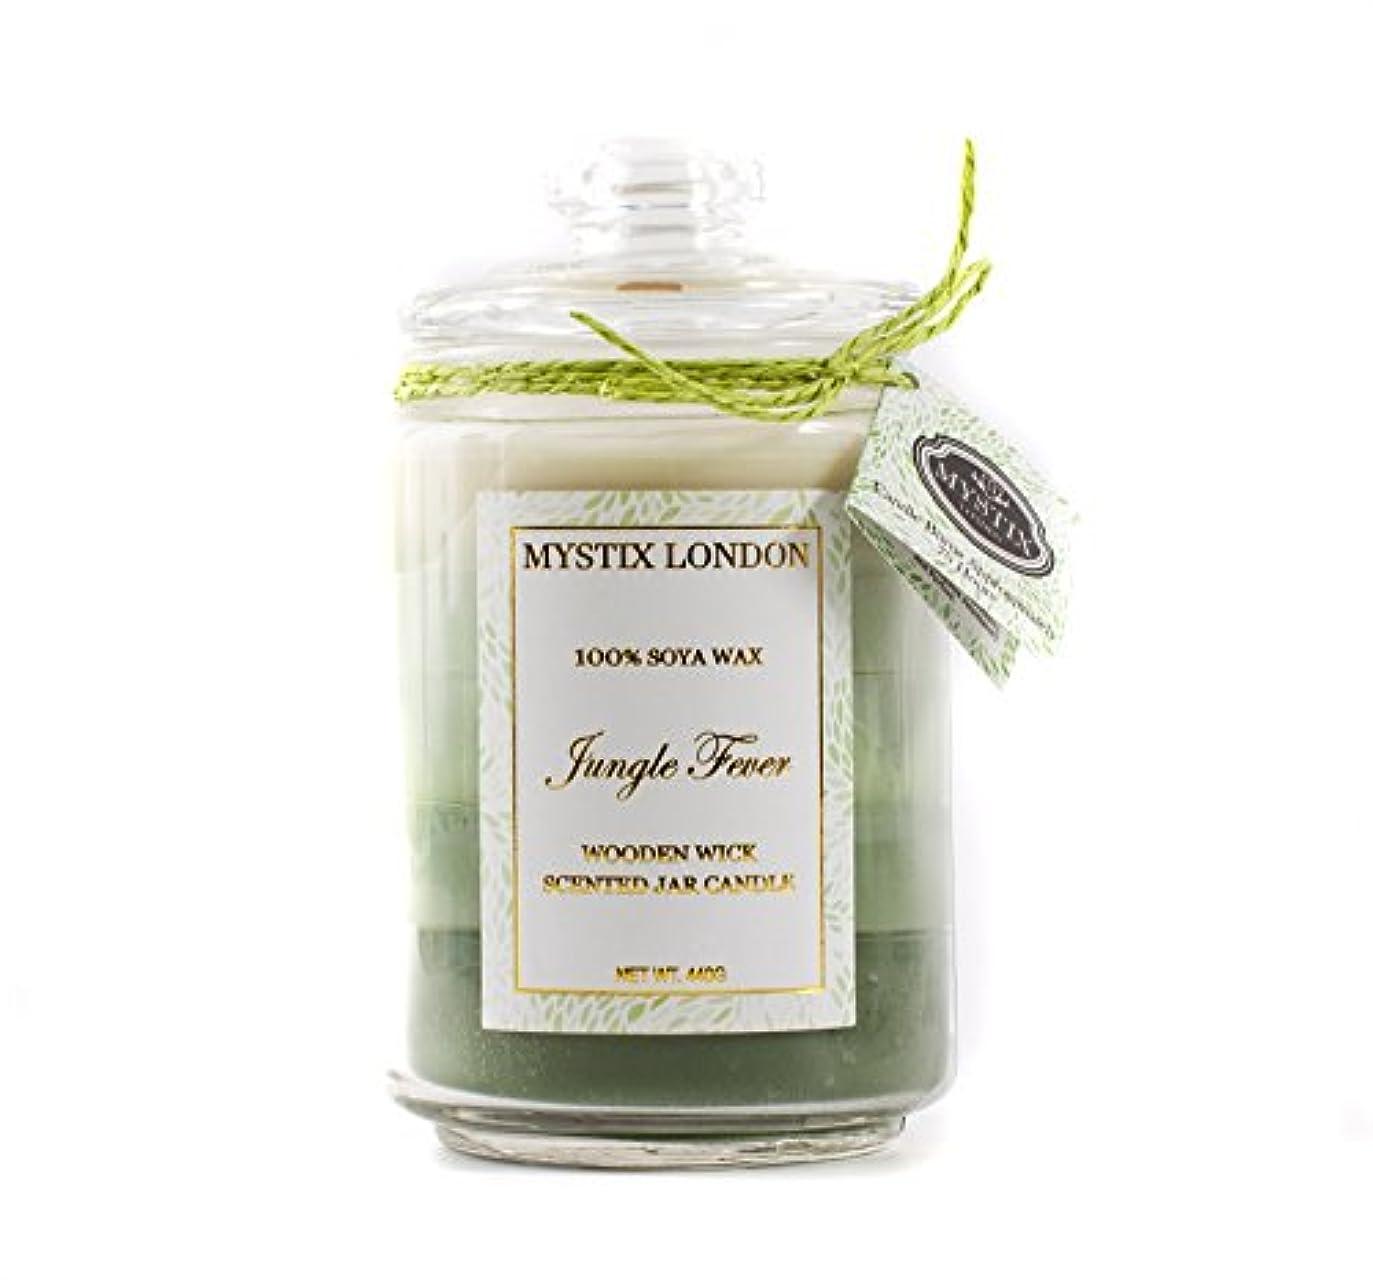 肝偶然の食欲Mystix London | Jungle Fever Wooden Wick Scented Jar Candle 440g